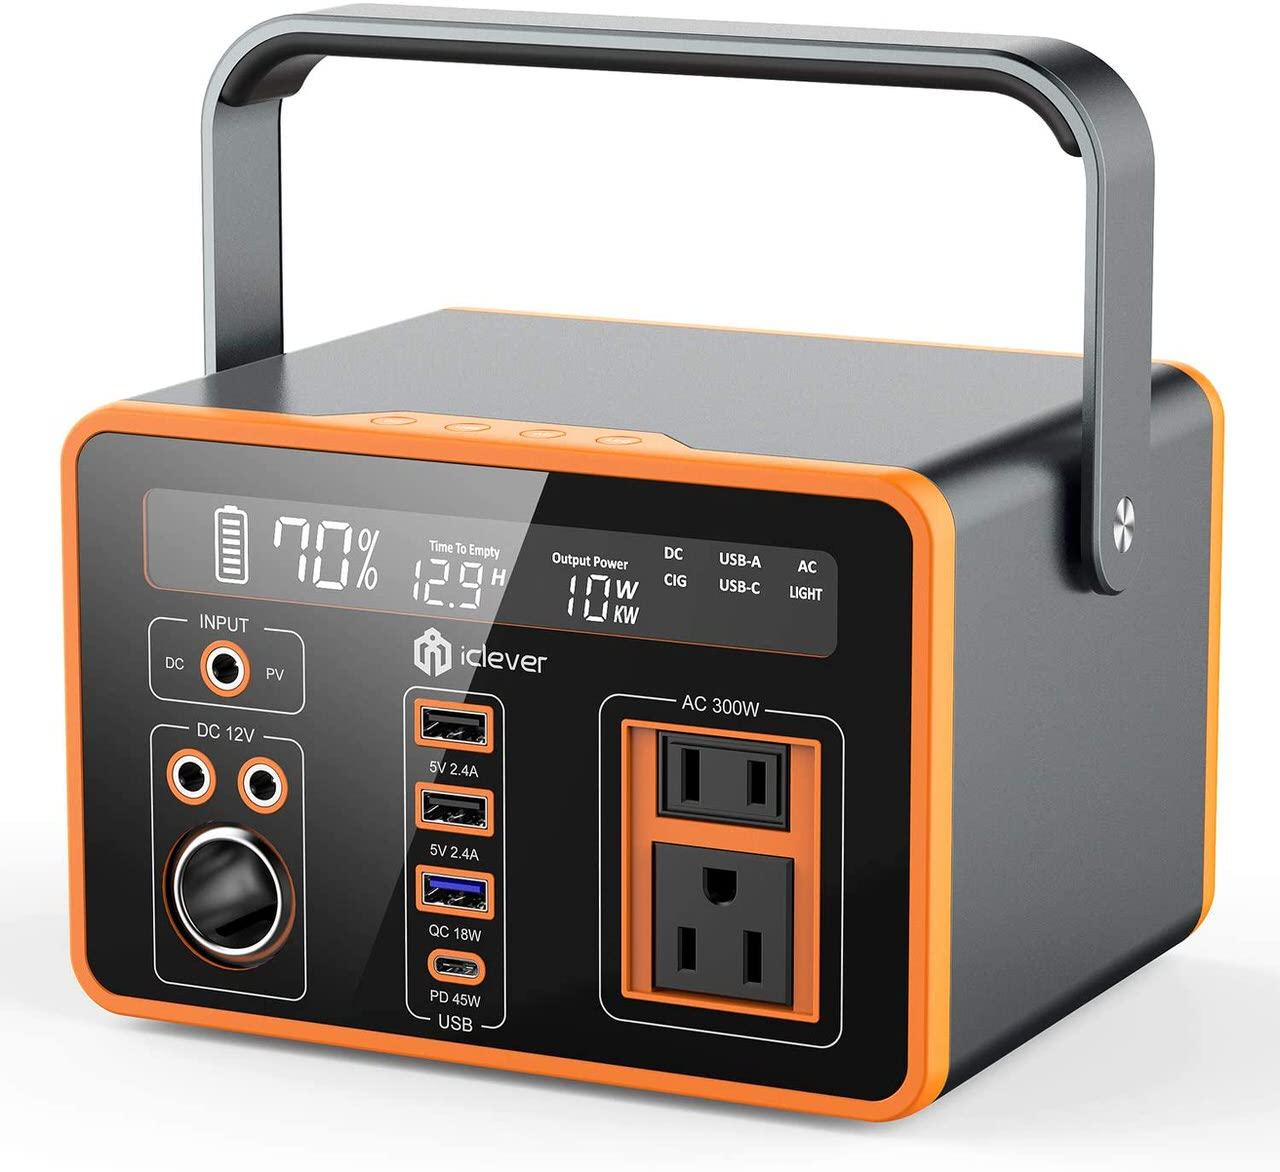 コンパクトなのに300Wh大容量のポータブル電源「IC-OD41B」Amazonで8,000円オフクーポン配布中(11/30まで)